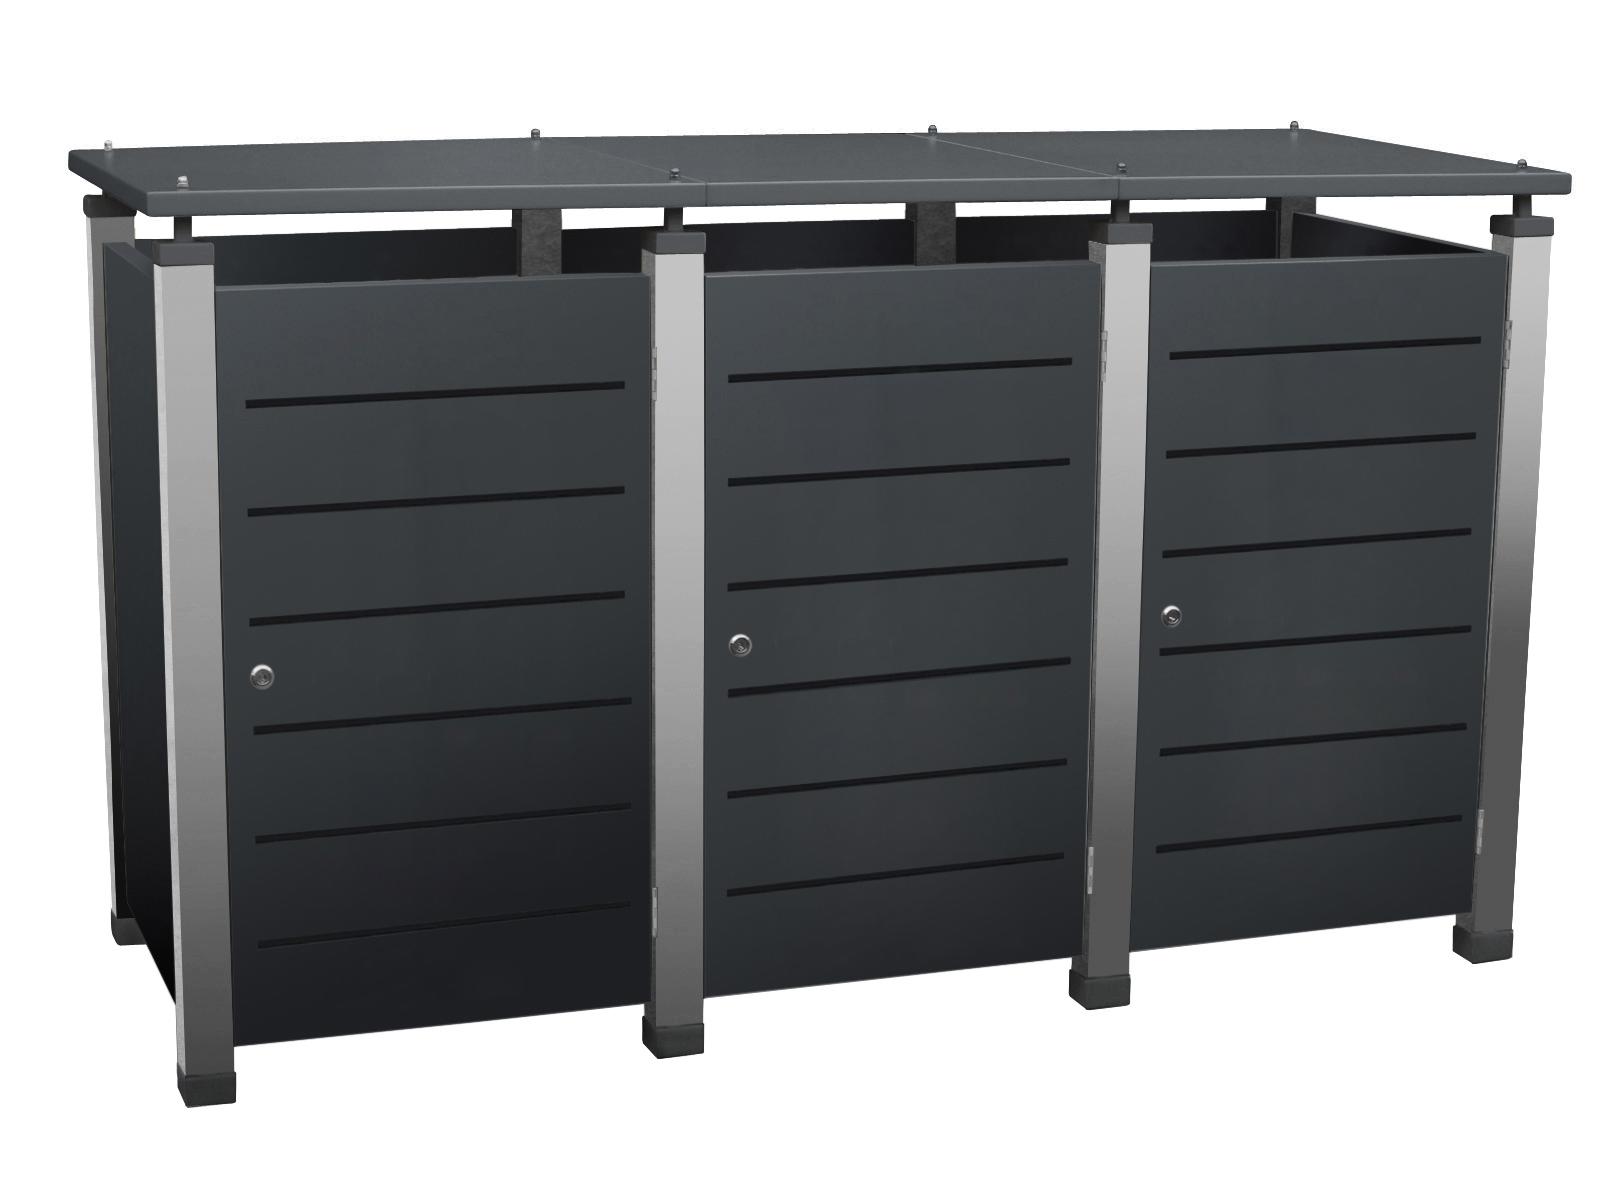 Mülltonnenbox Pacco E Line jetzt optional auch mit Klappdeckel lieferbar.